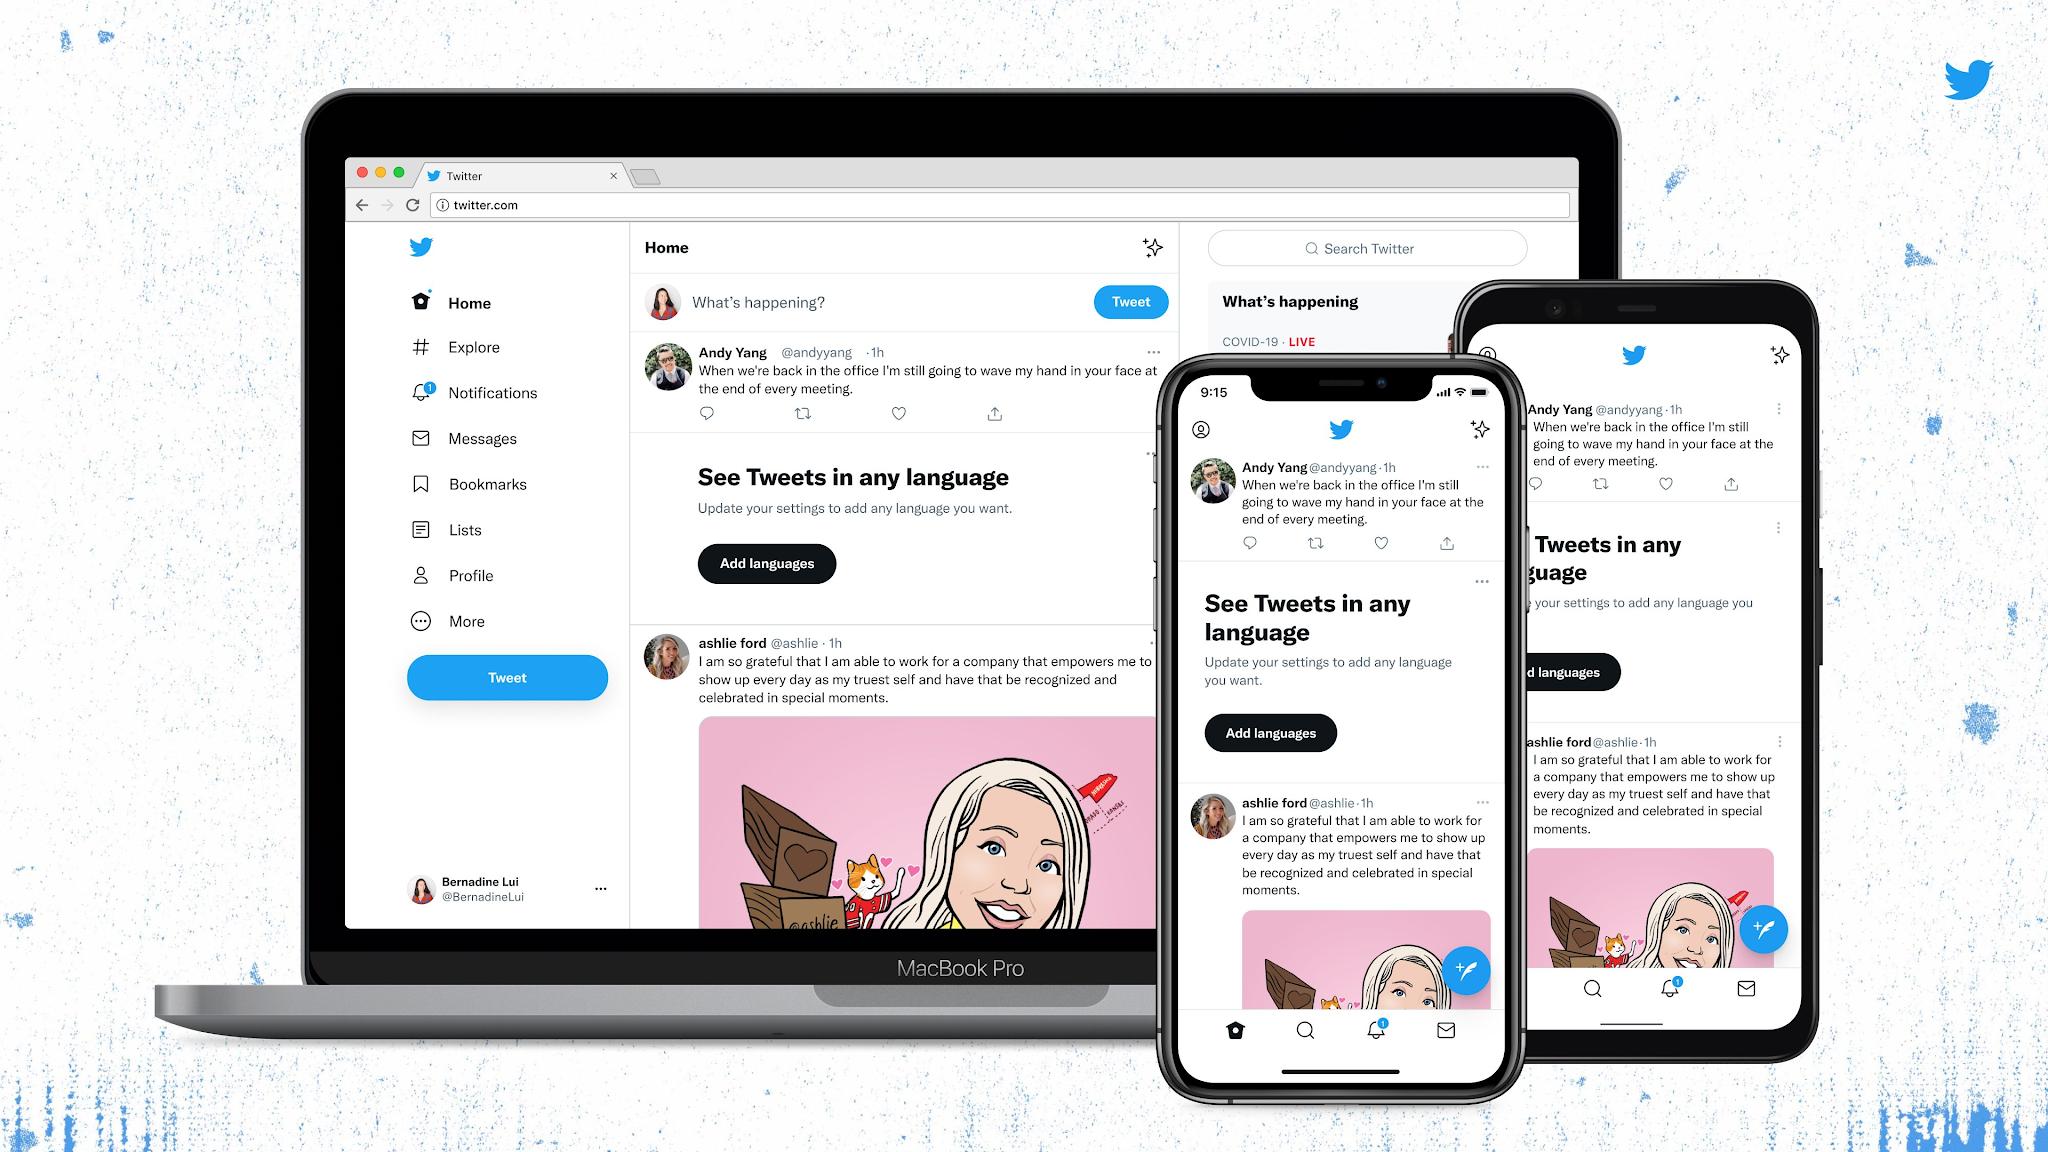 Twitter aggiorna l'interfaccia cambiando font e altro